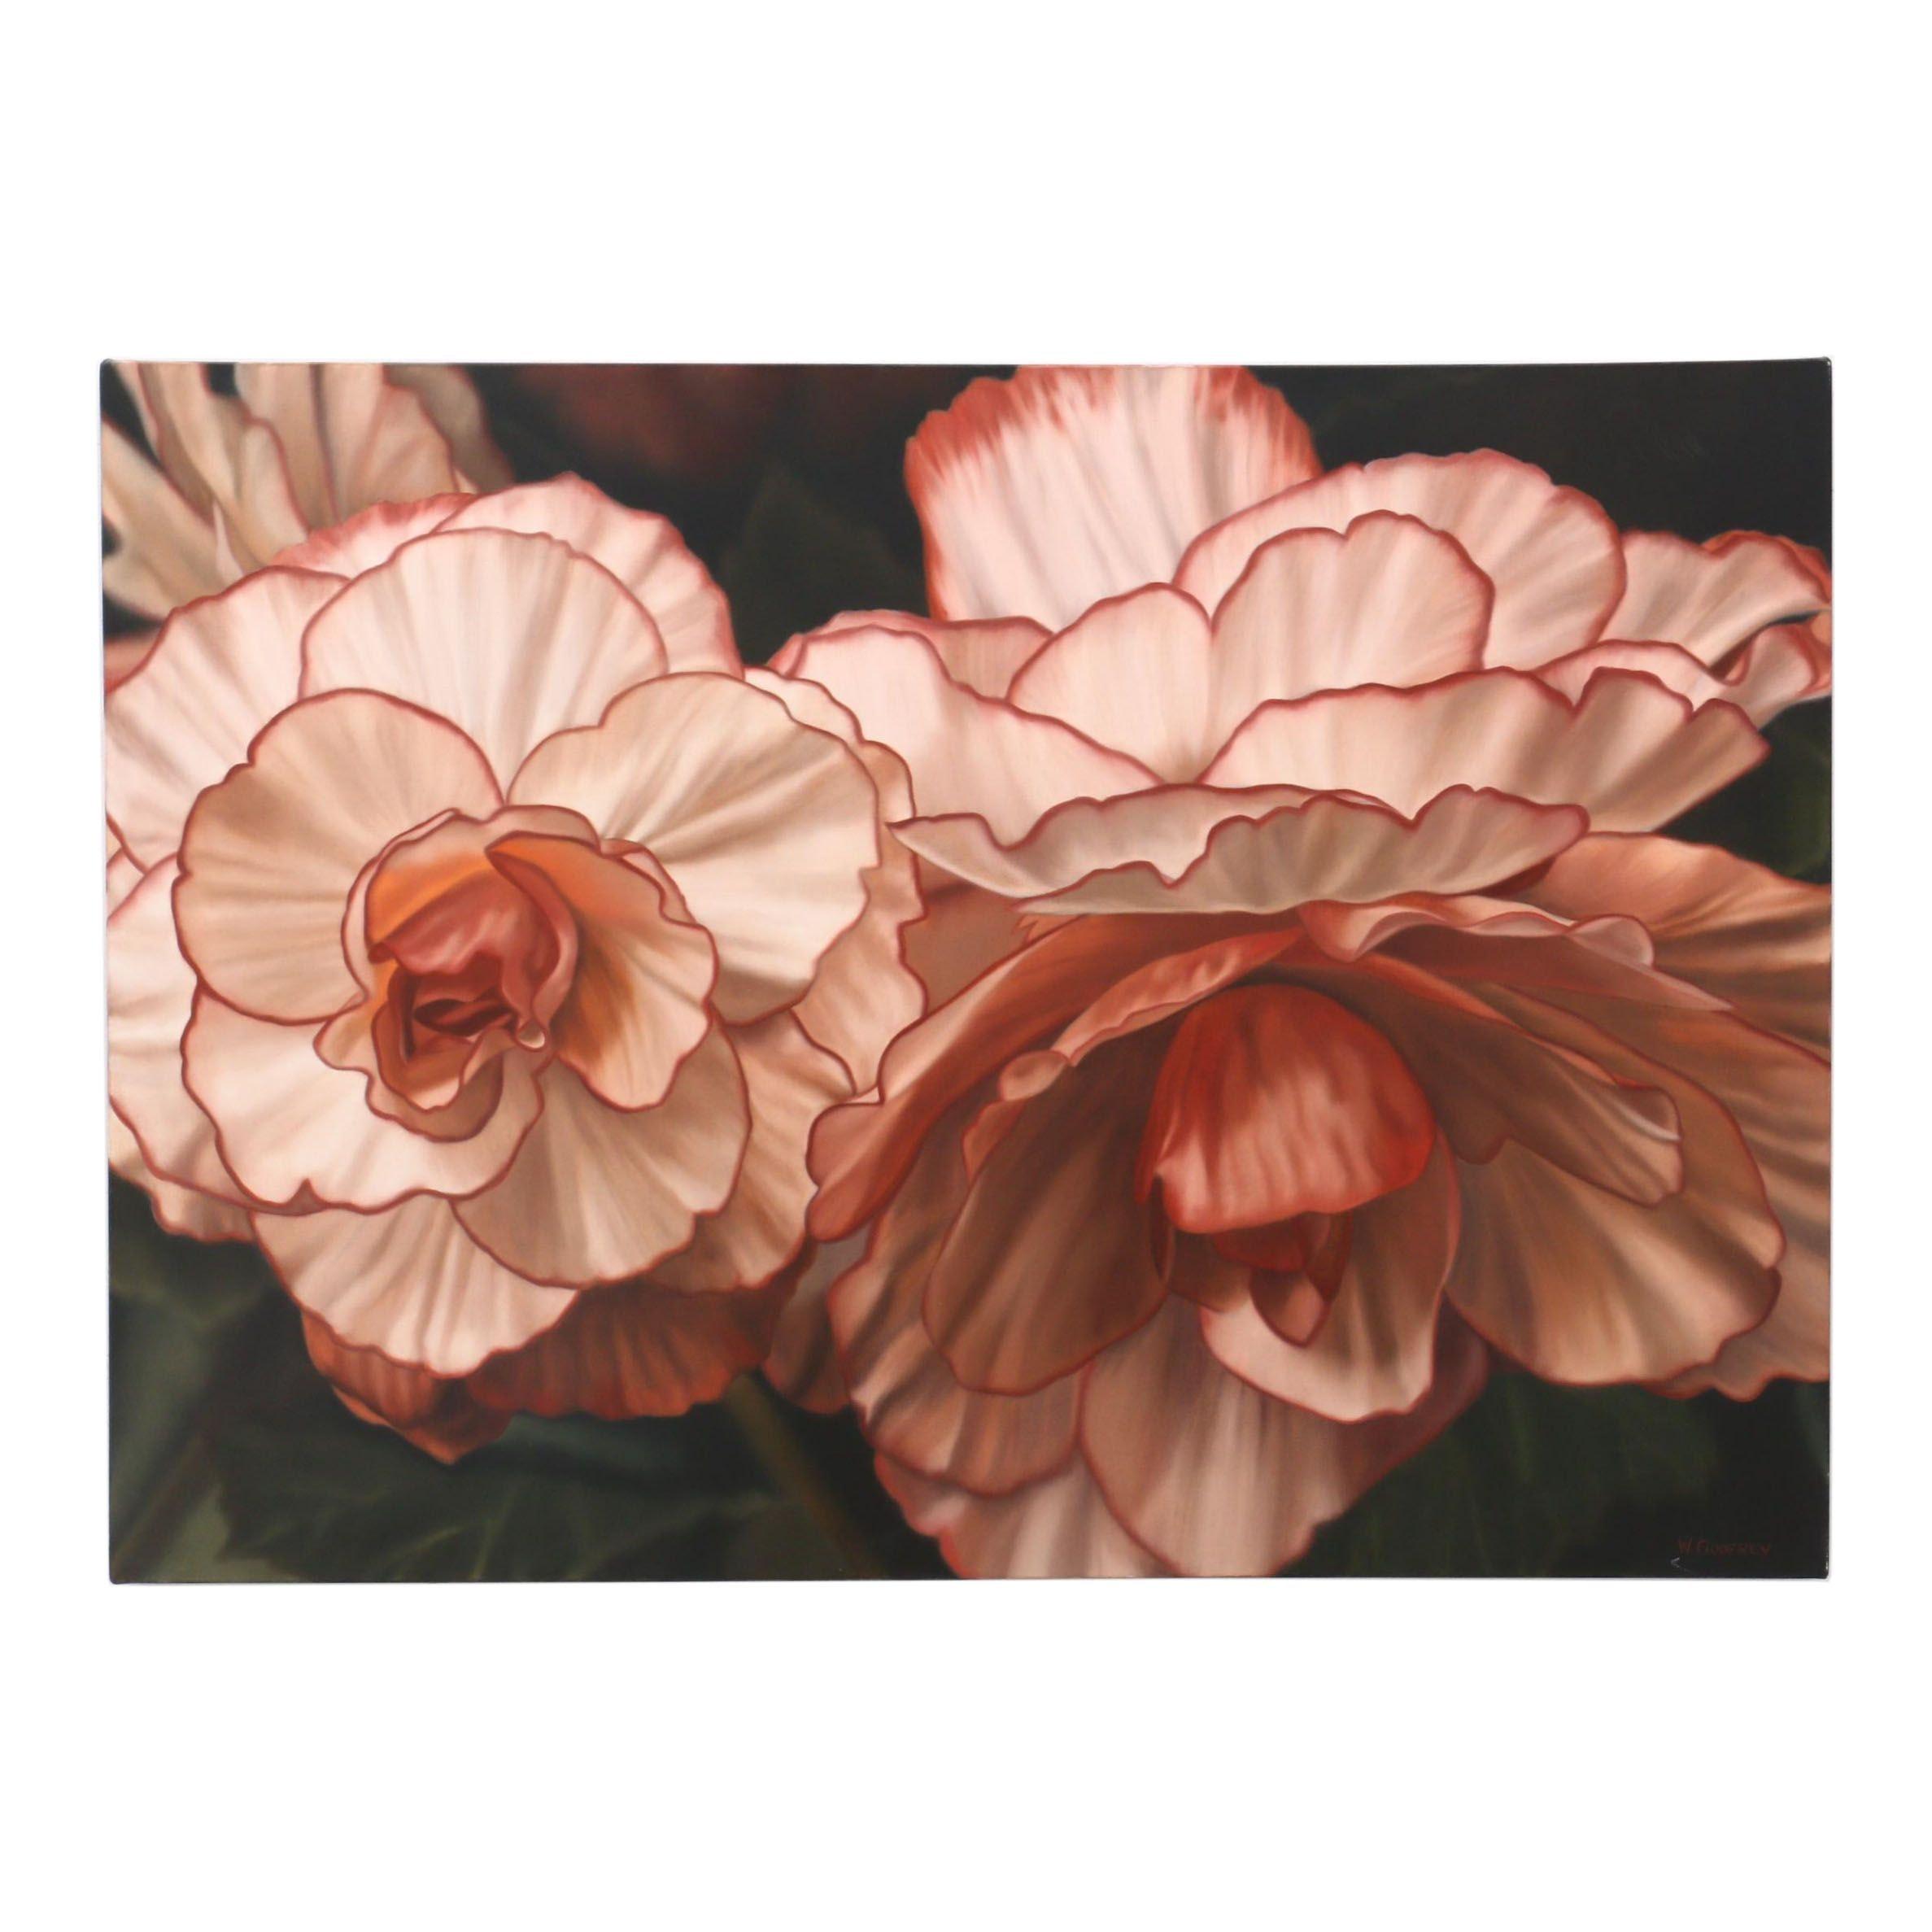 """Winifred Godfrey Photorealistic Oil Painting """"Picotee Begonia"""""""